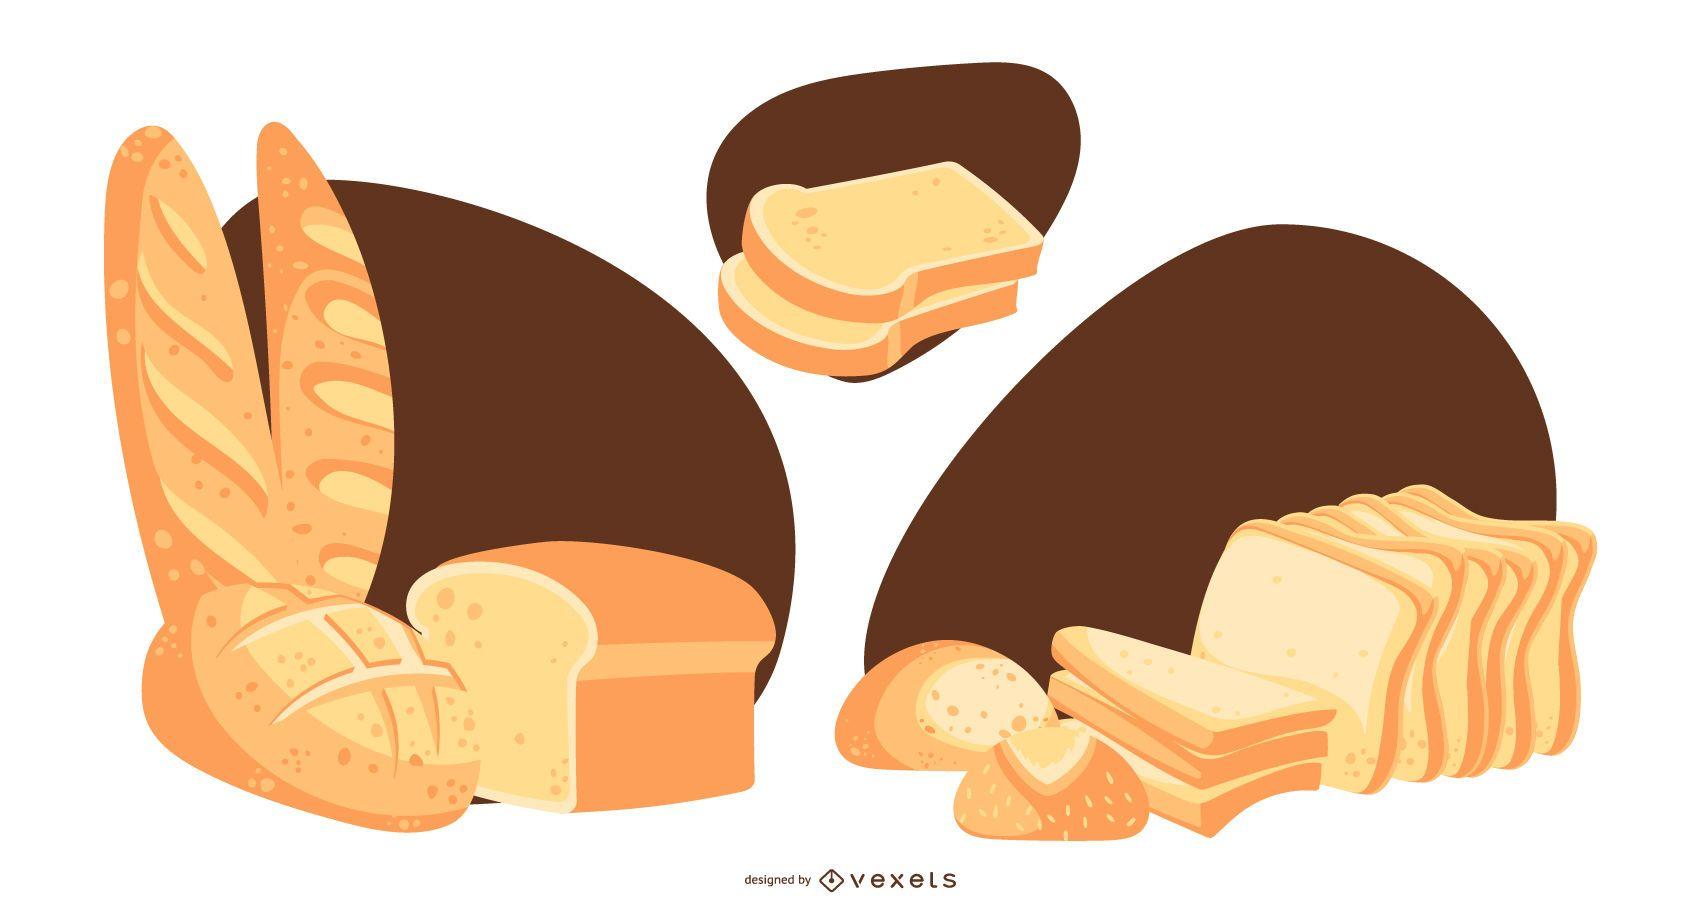 Bread Loaf and Slices Design Set